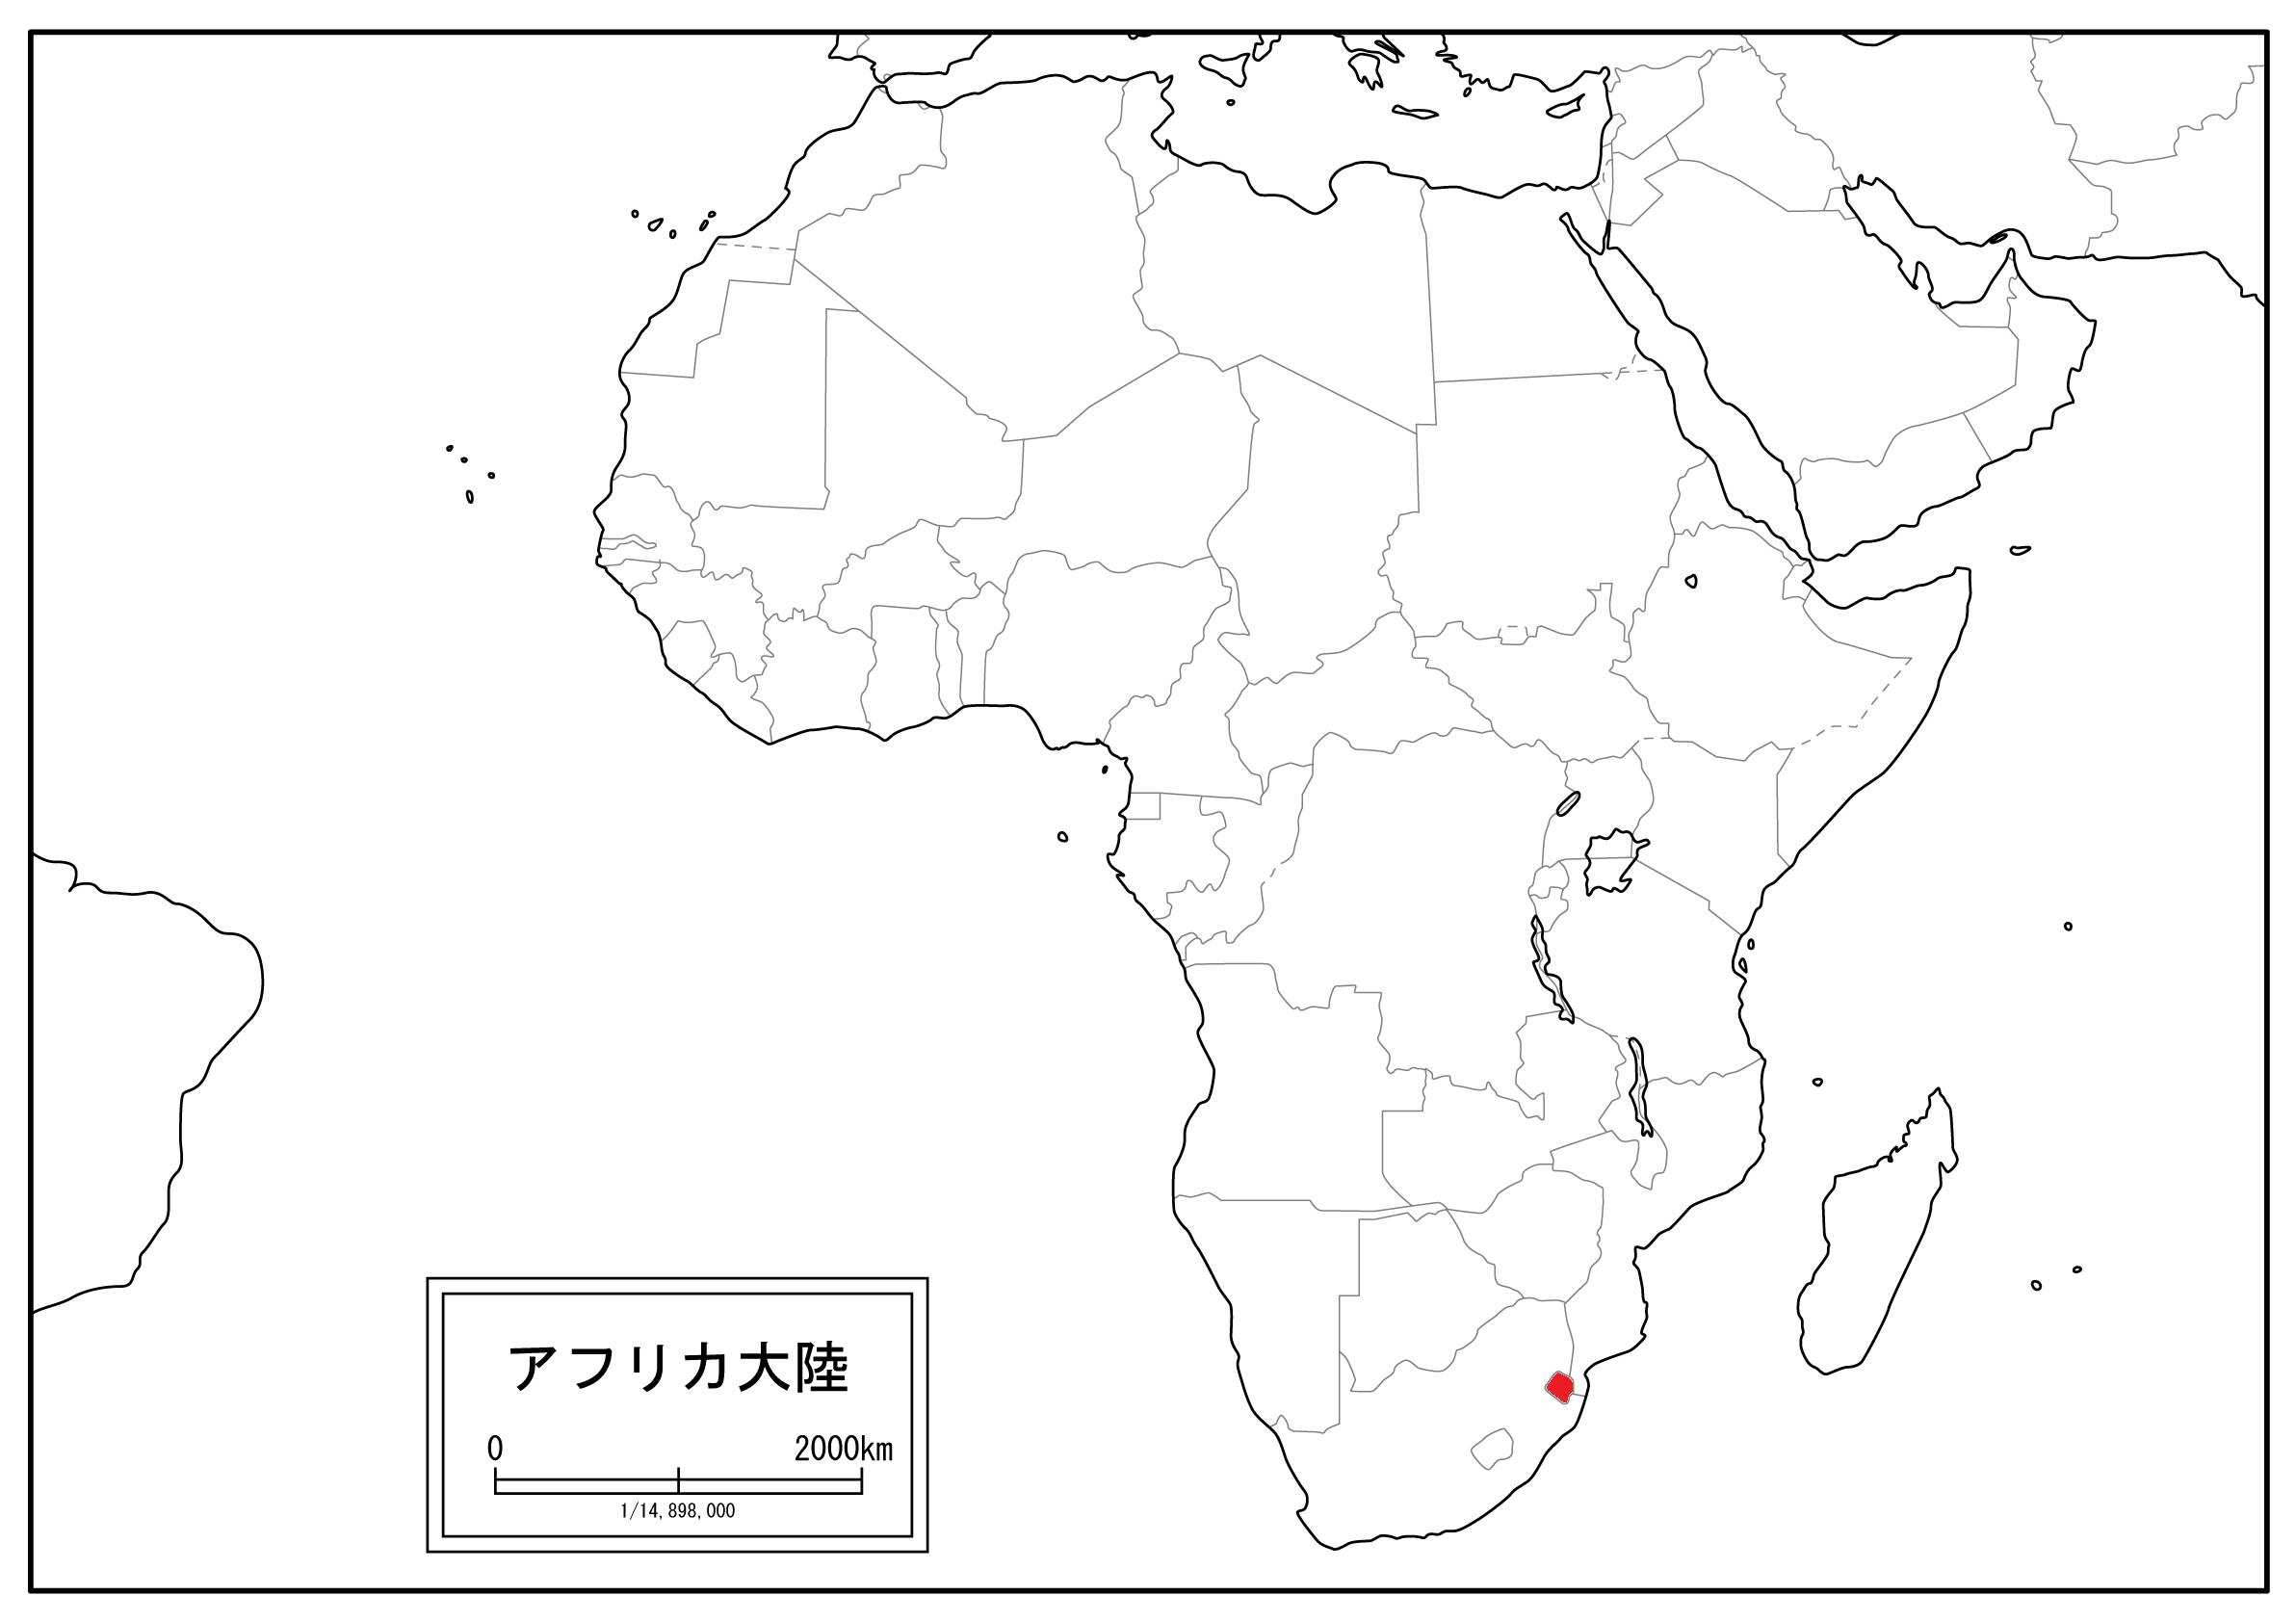 DAY115 南アフリカ出国!アフリカ16ヶ国目「エスワティニ」へ ...